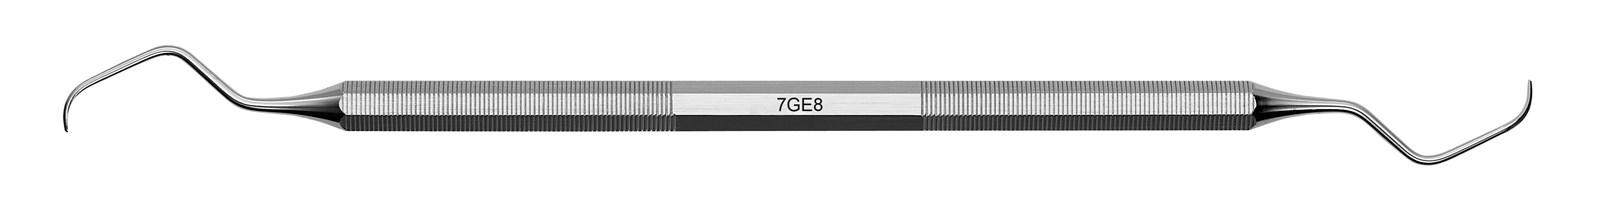 Kyreta Gracey Classic - 7GE8, ADEP silikonový návlek červený